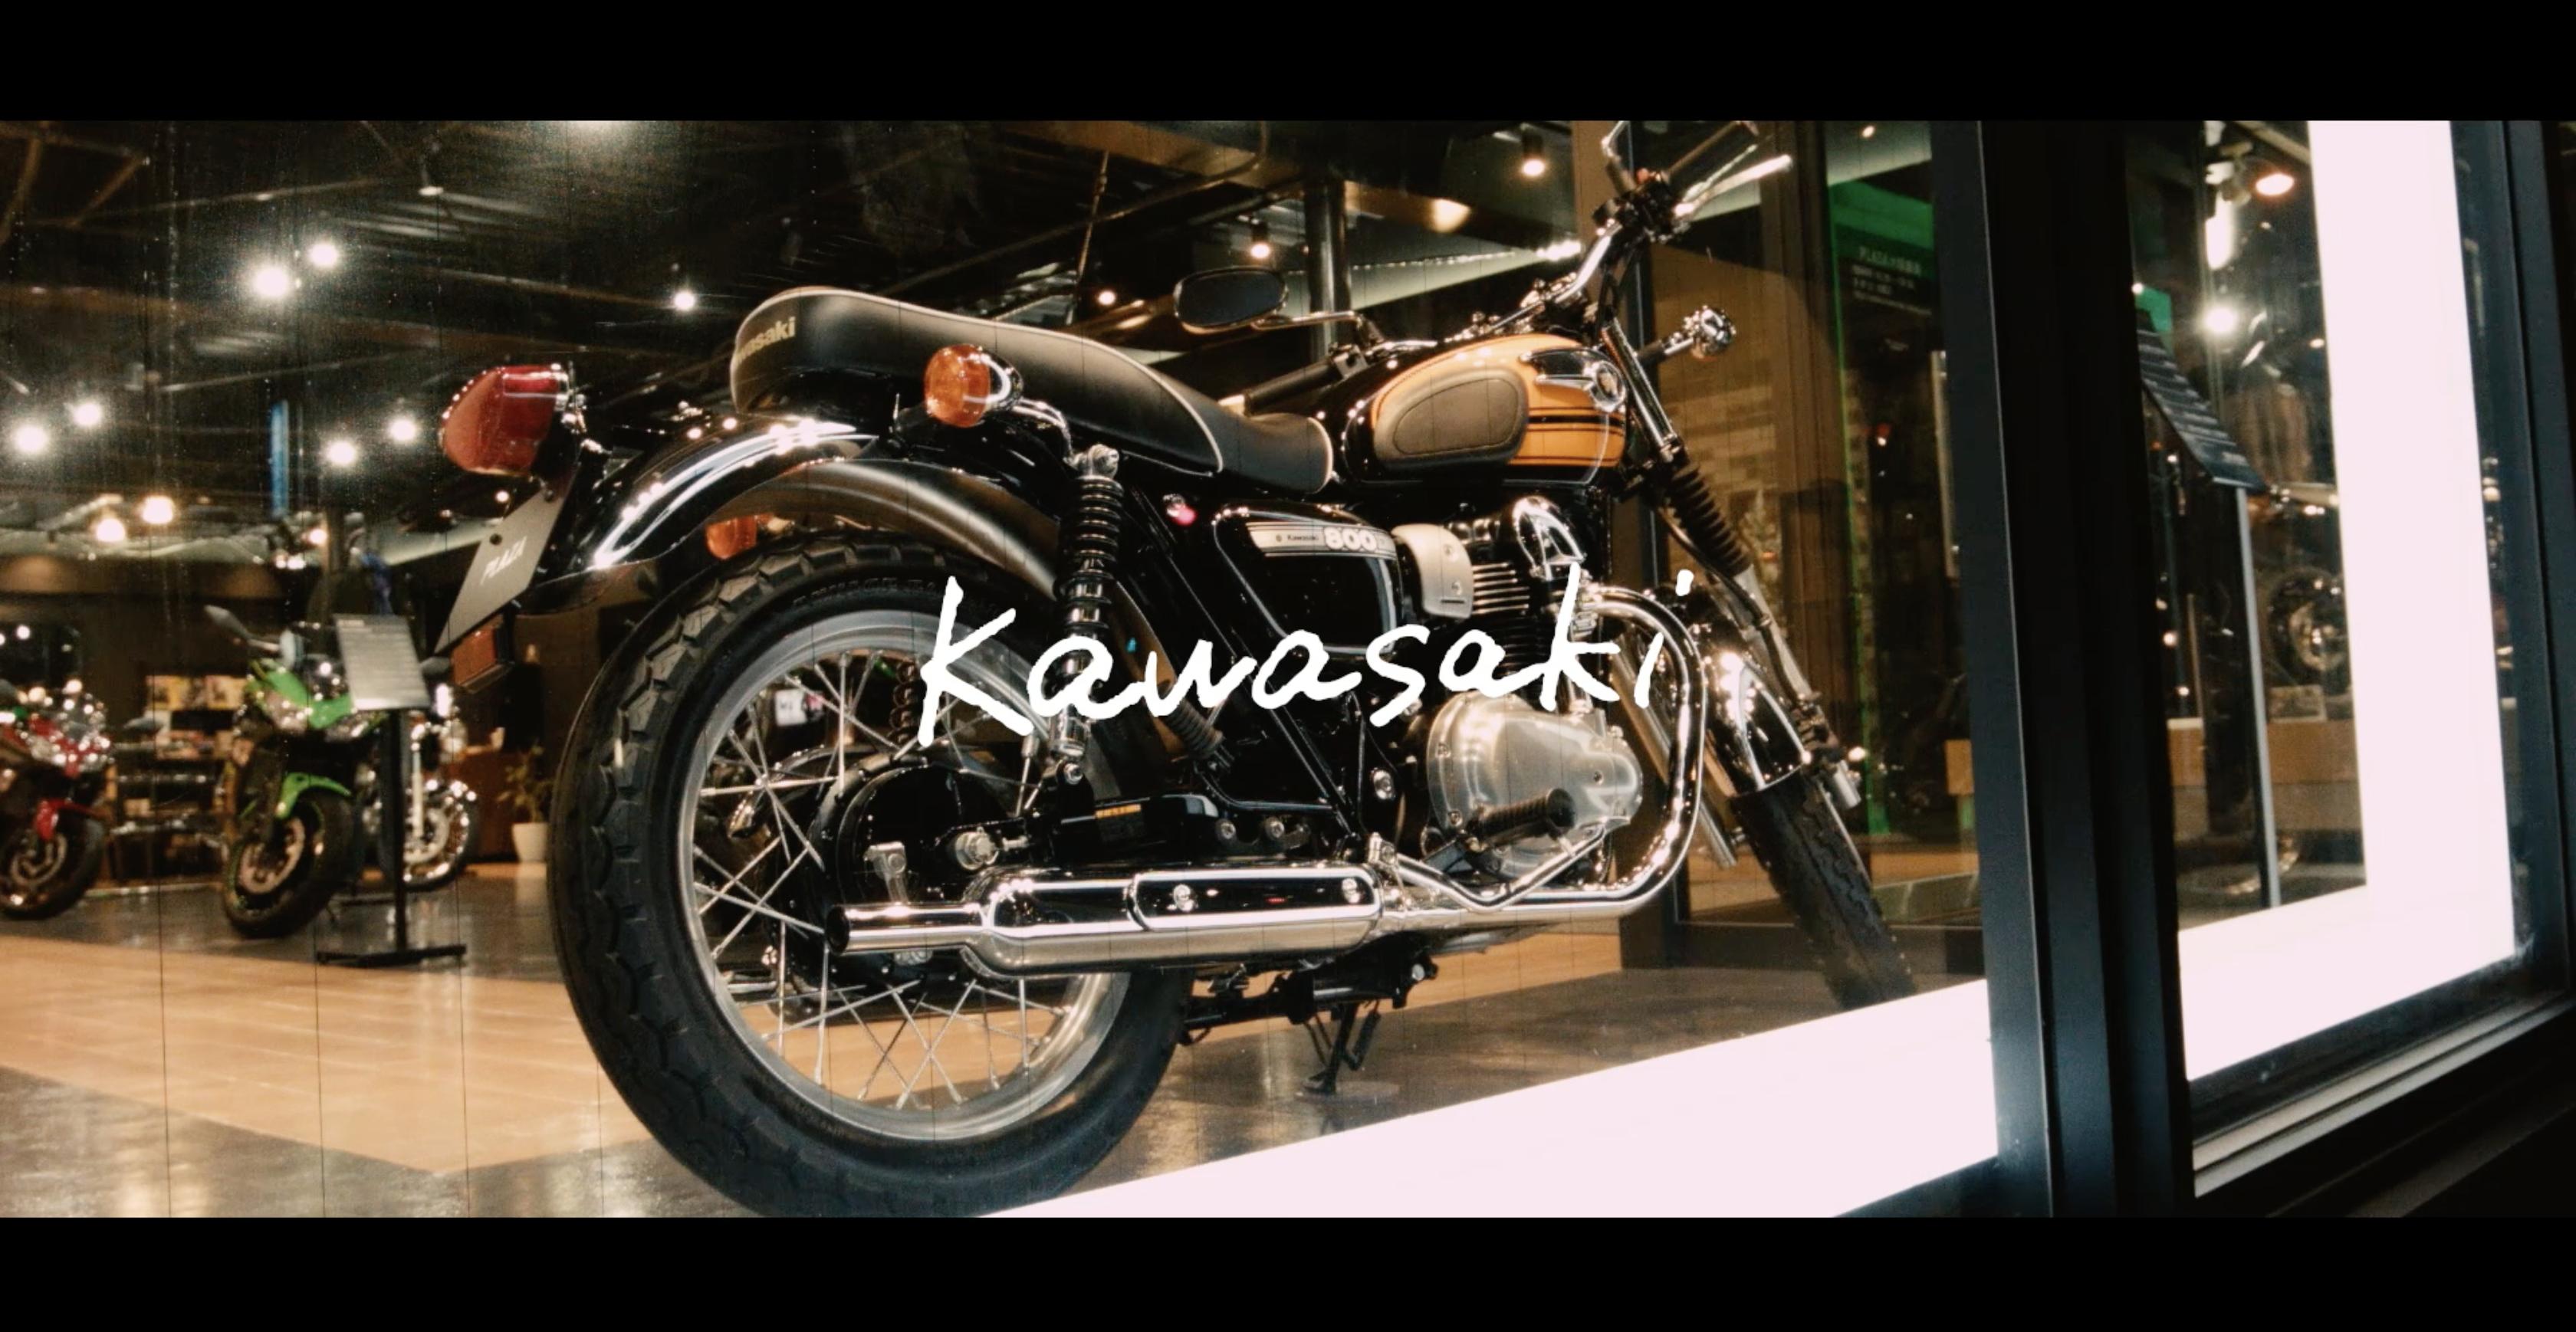 Kawasaki 5 sence